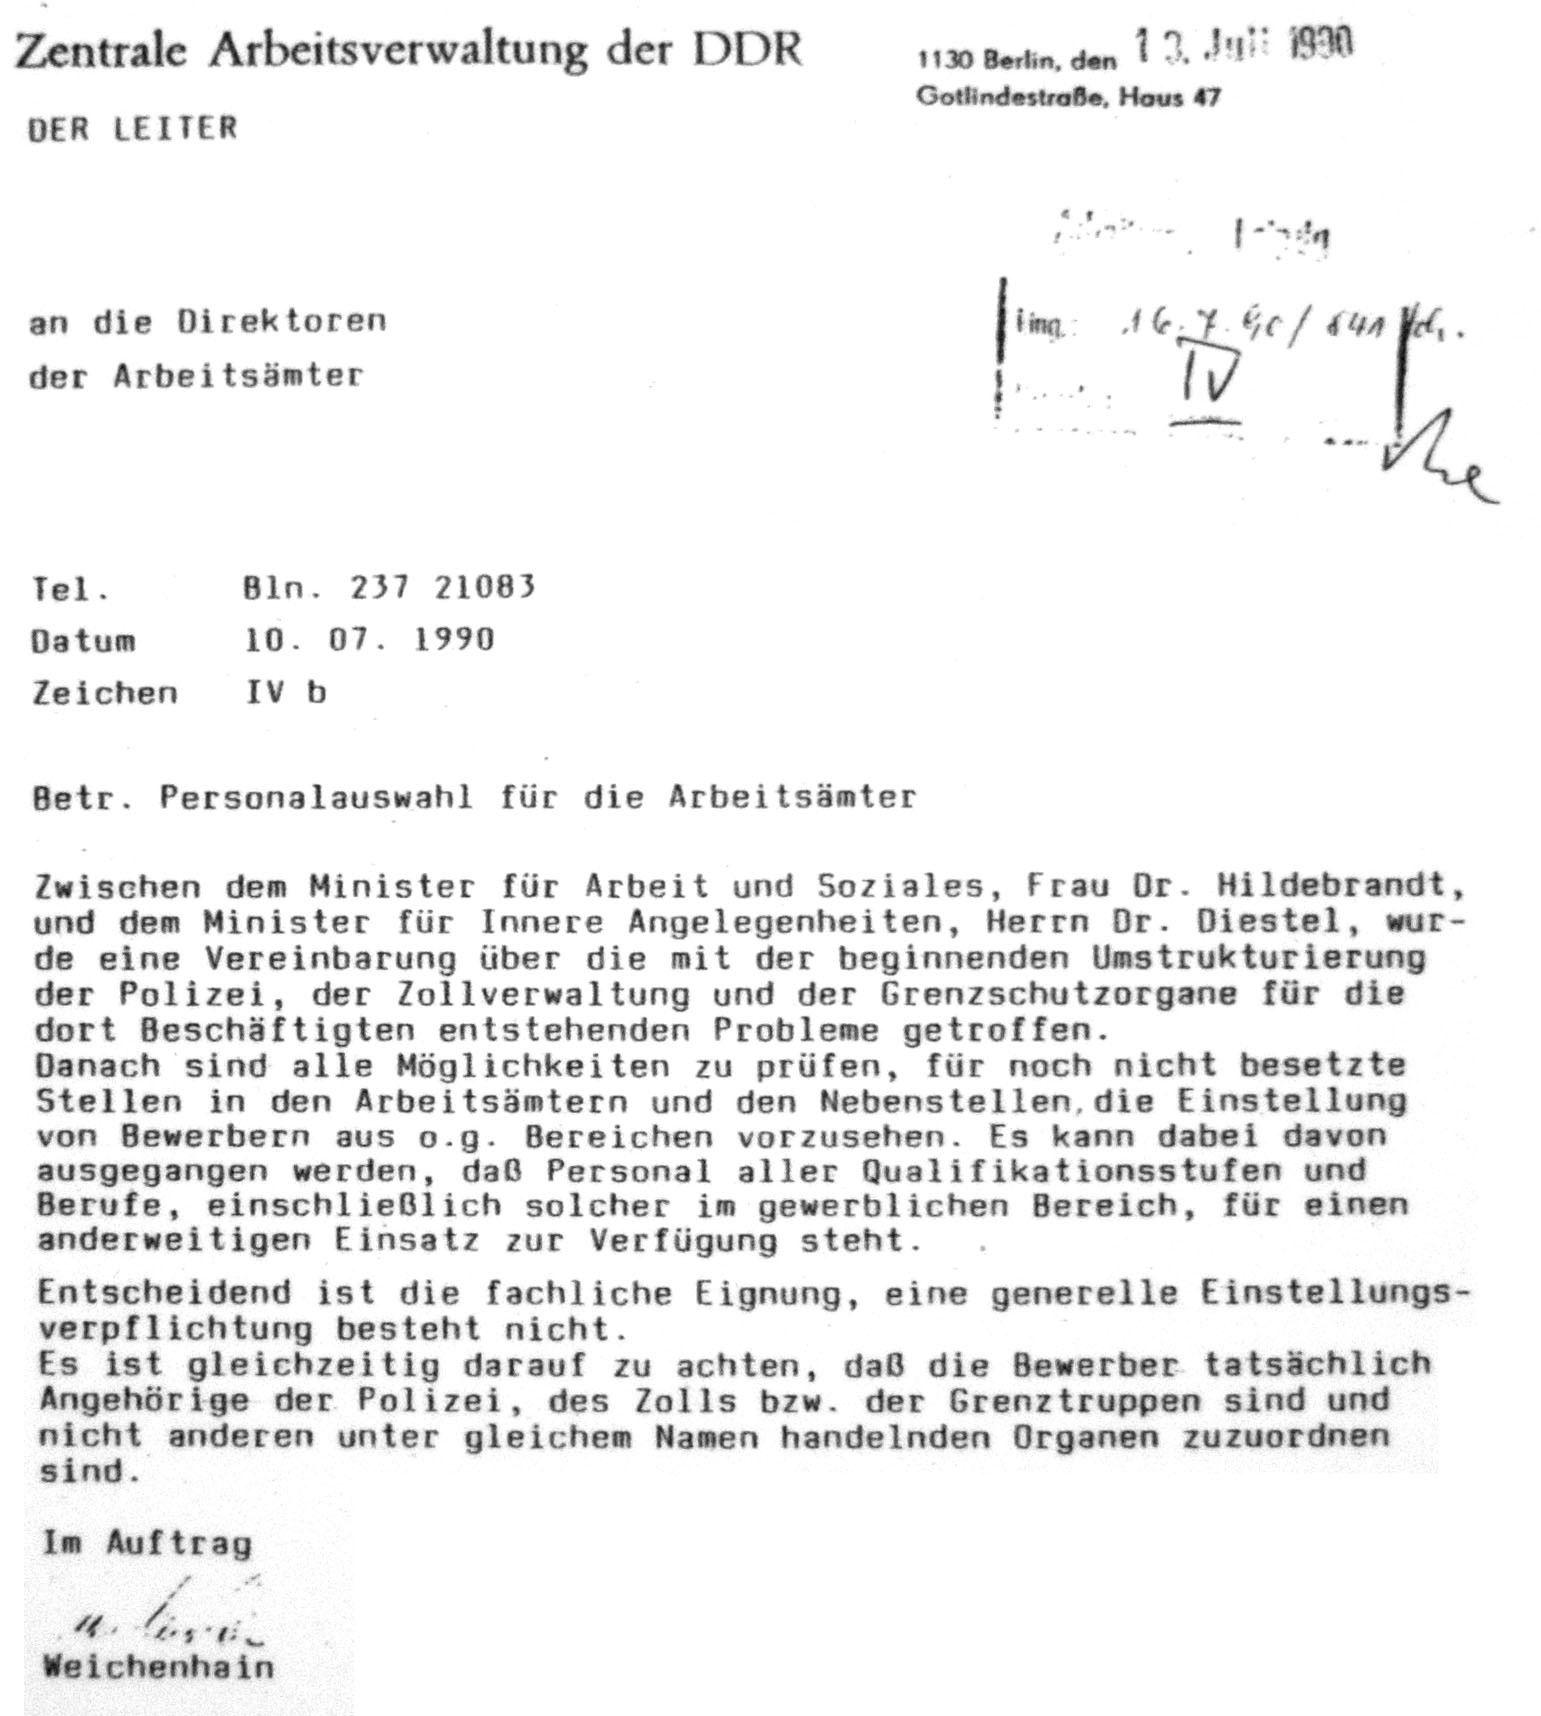 Frisch Handschriftlicher Lebenslauf Muster Kostenlos Briefprobe Briefformat Briefvorlage Lebenslauf Lebenslauf Schreiben Lebenslauf Muster